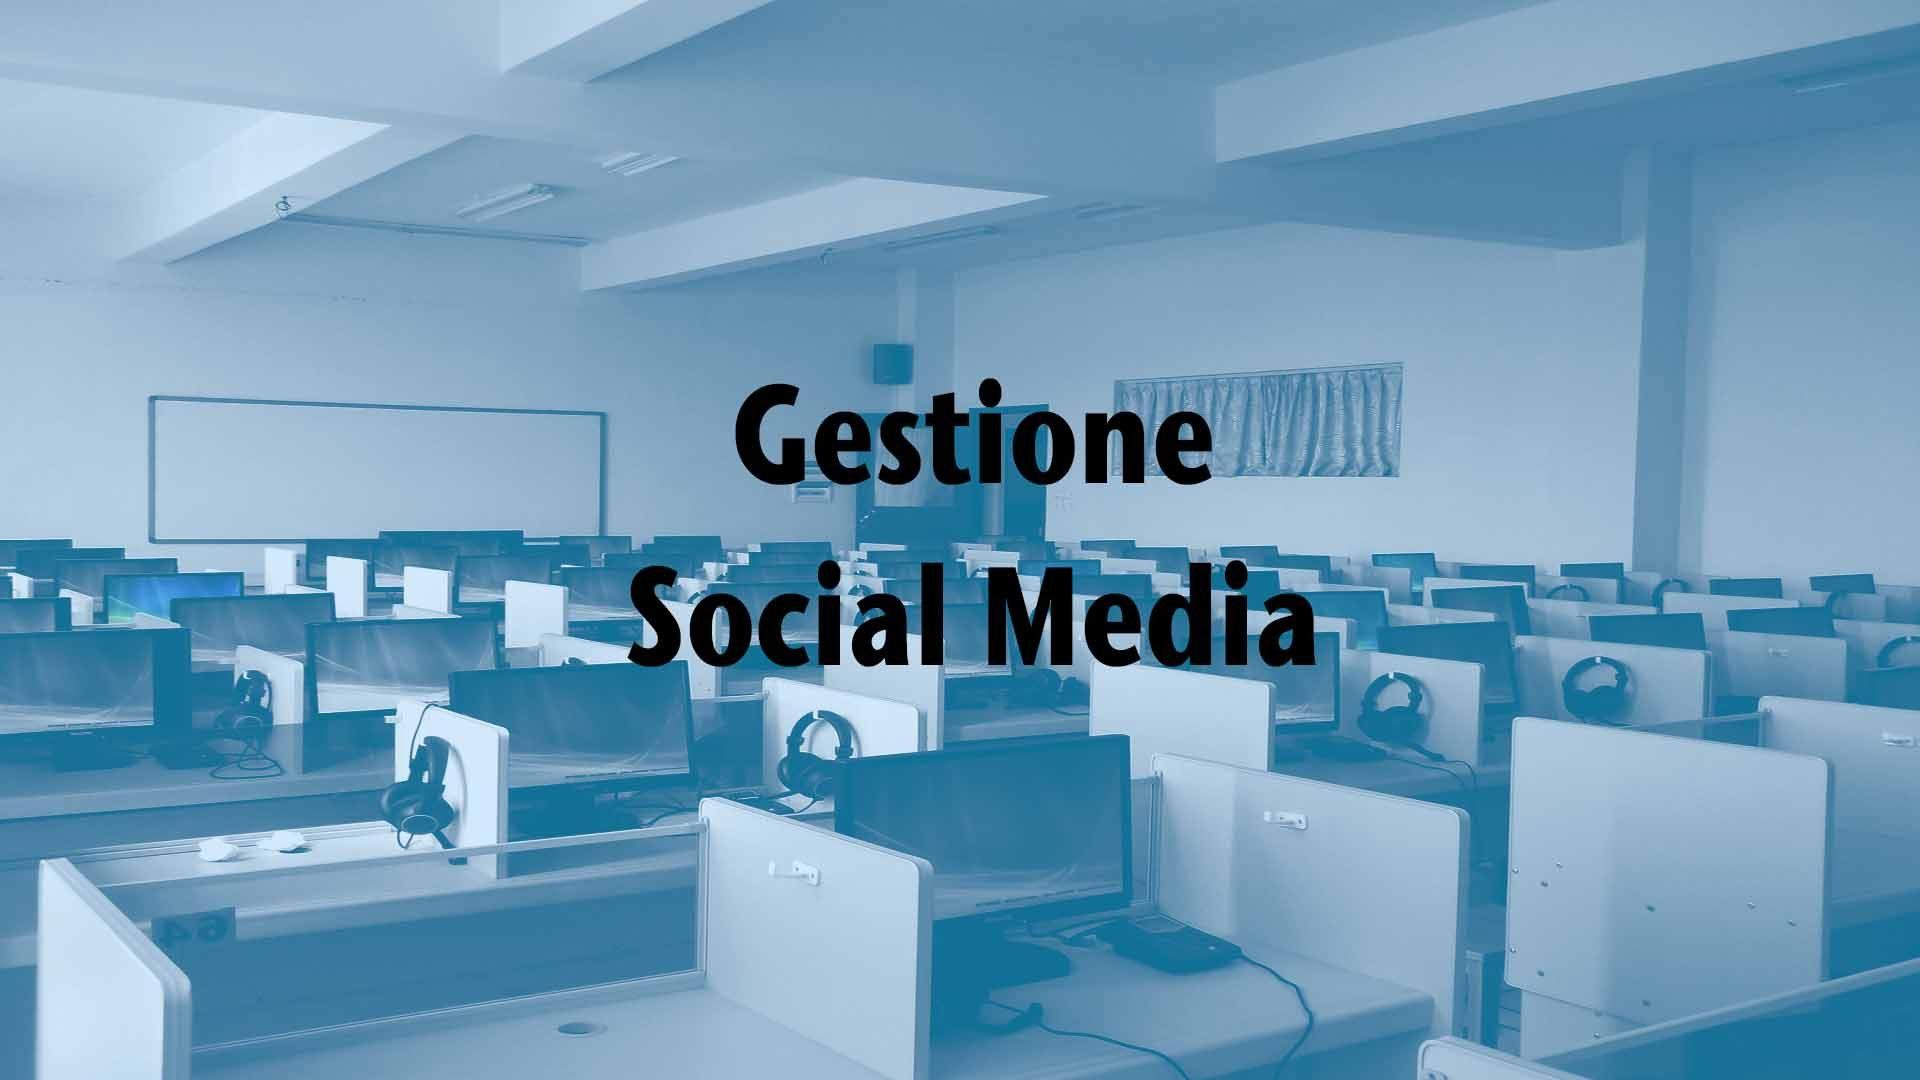 Gestione Social Media